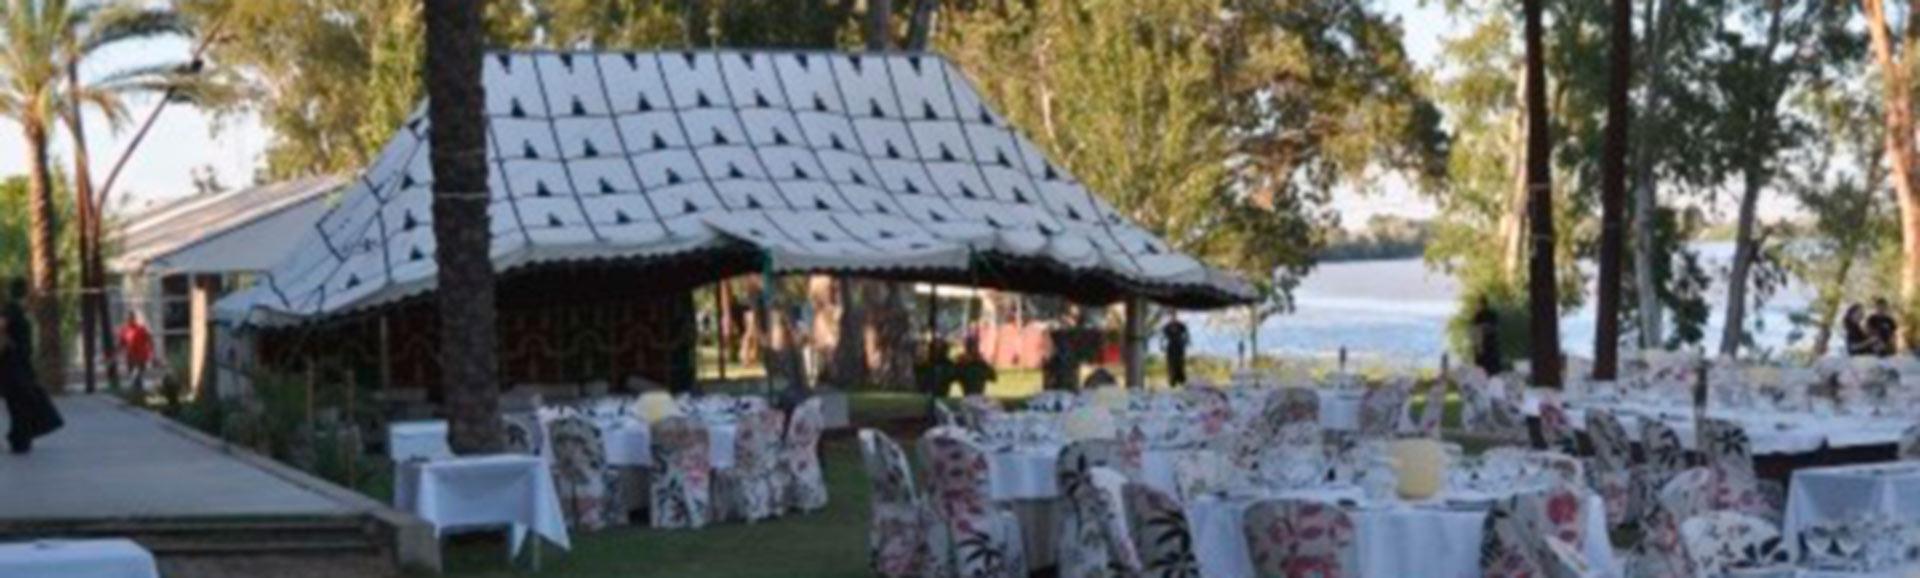 celebraciones de bodas